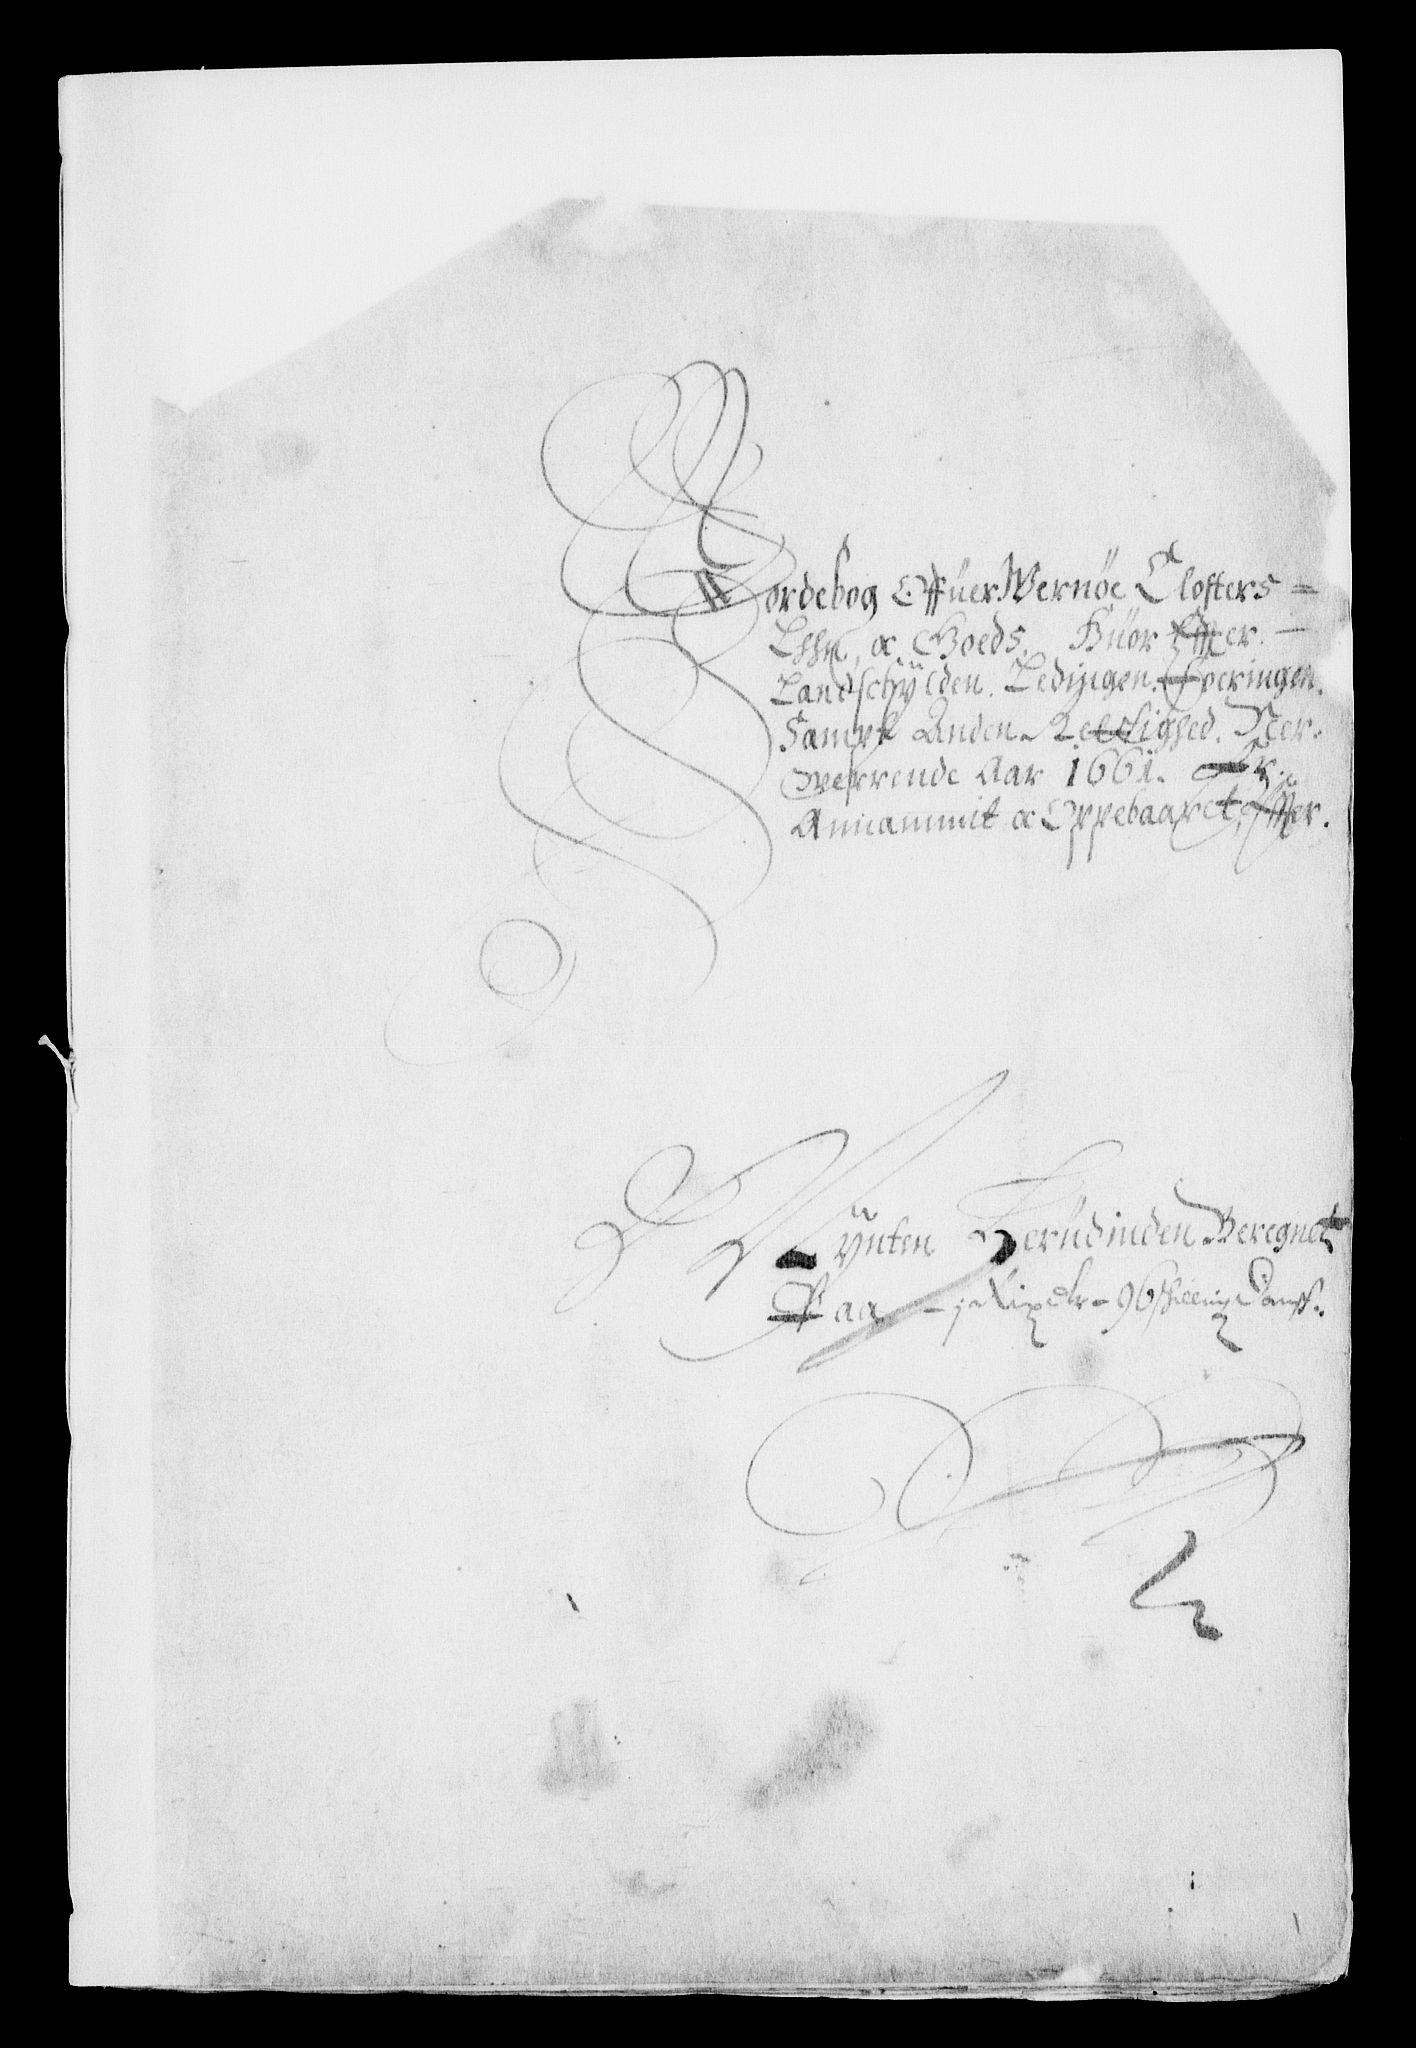 RA, Rentekammeret inntil 1814, Realistisk ordnet avdeling, On/L0007: [Jj 8]: Jordebøker og dokumenter innlevert til kongelig kommisjon 1672: Verne klosters gods, 1658-1672, s. 26